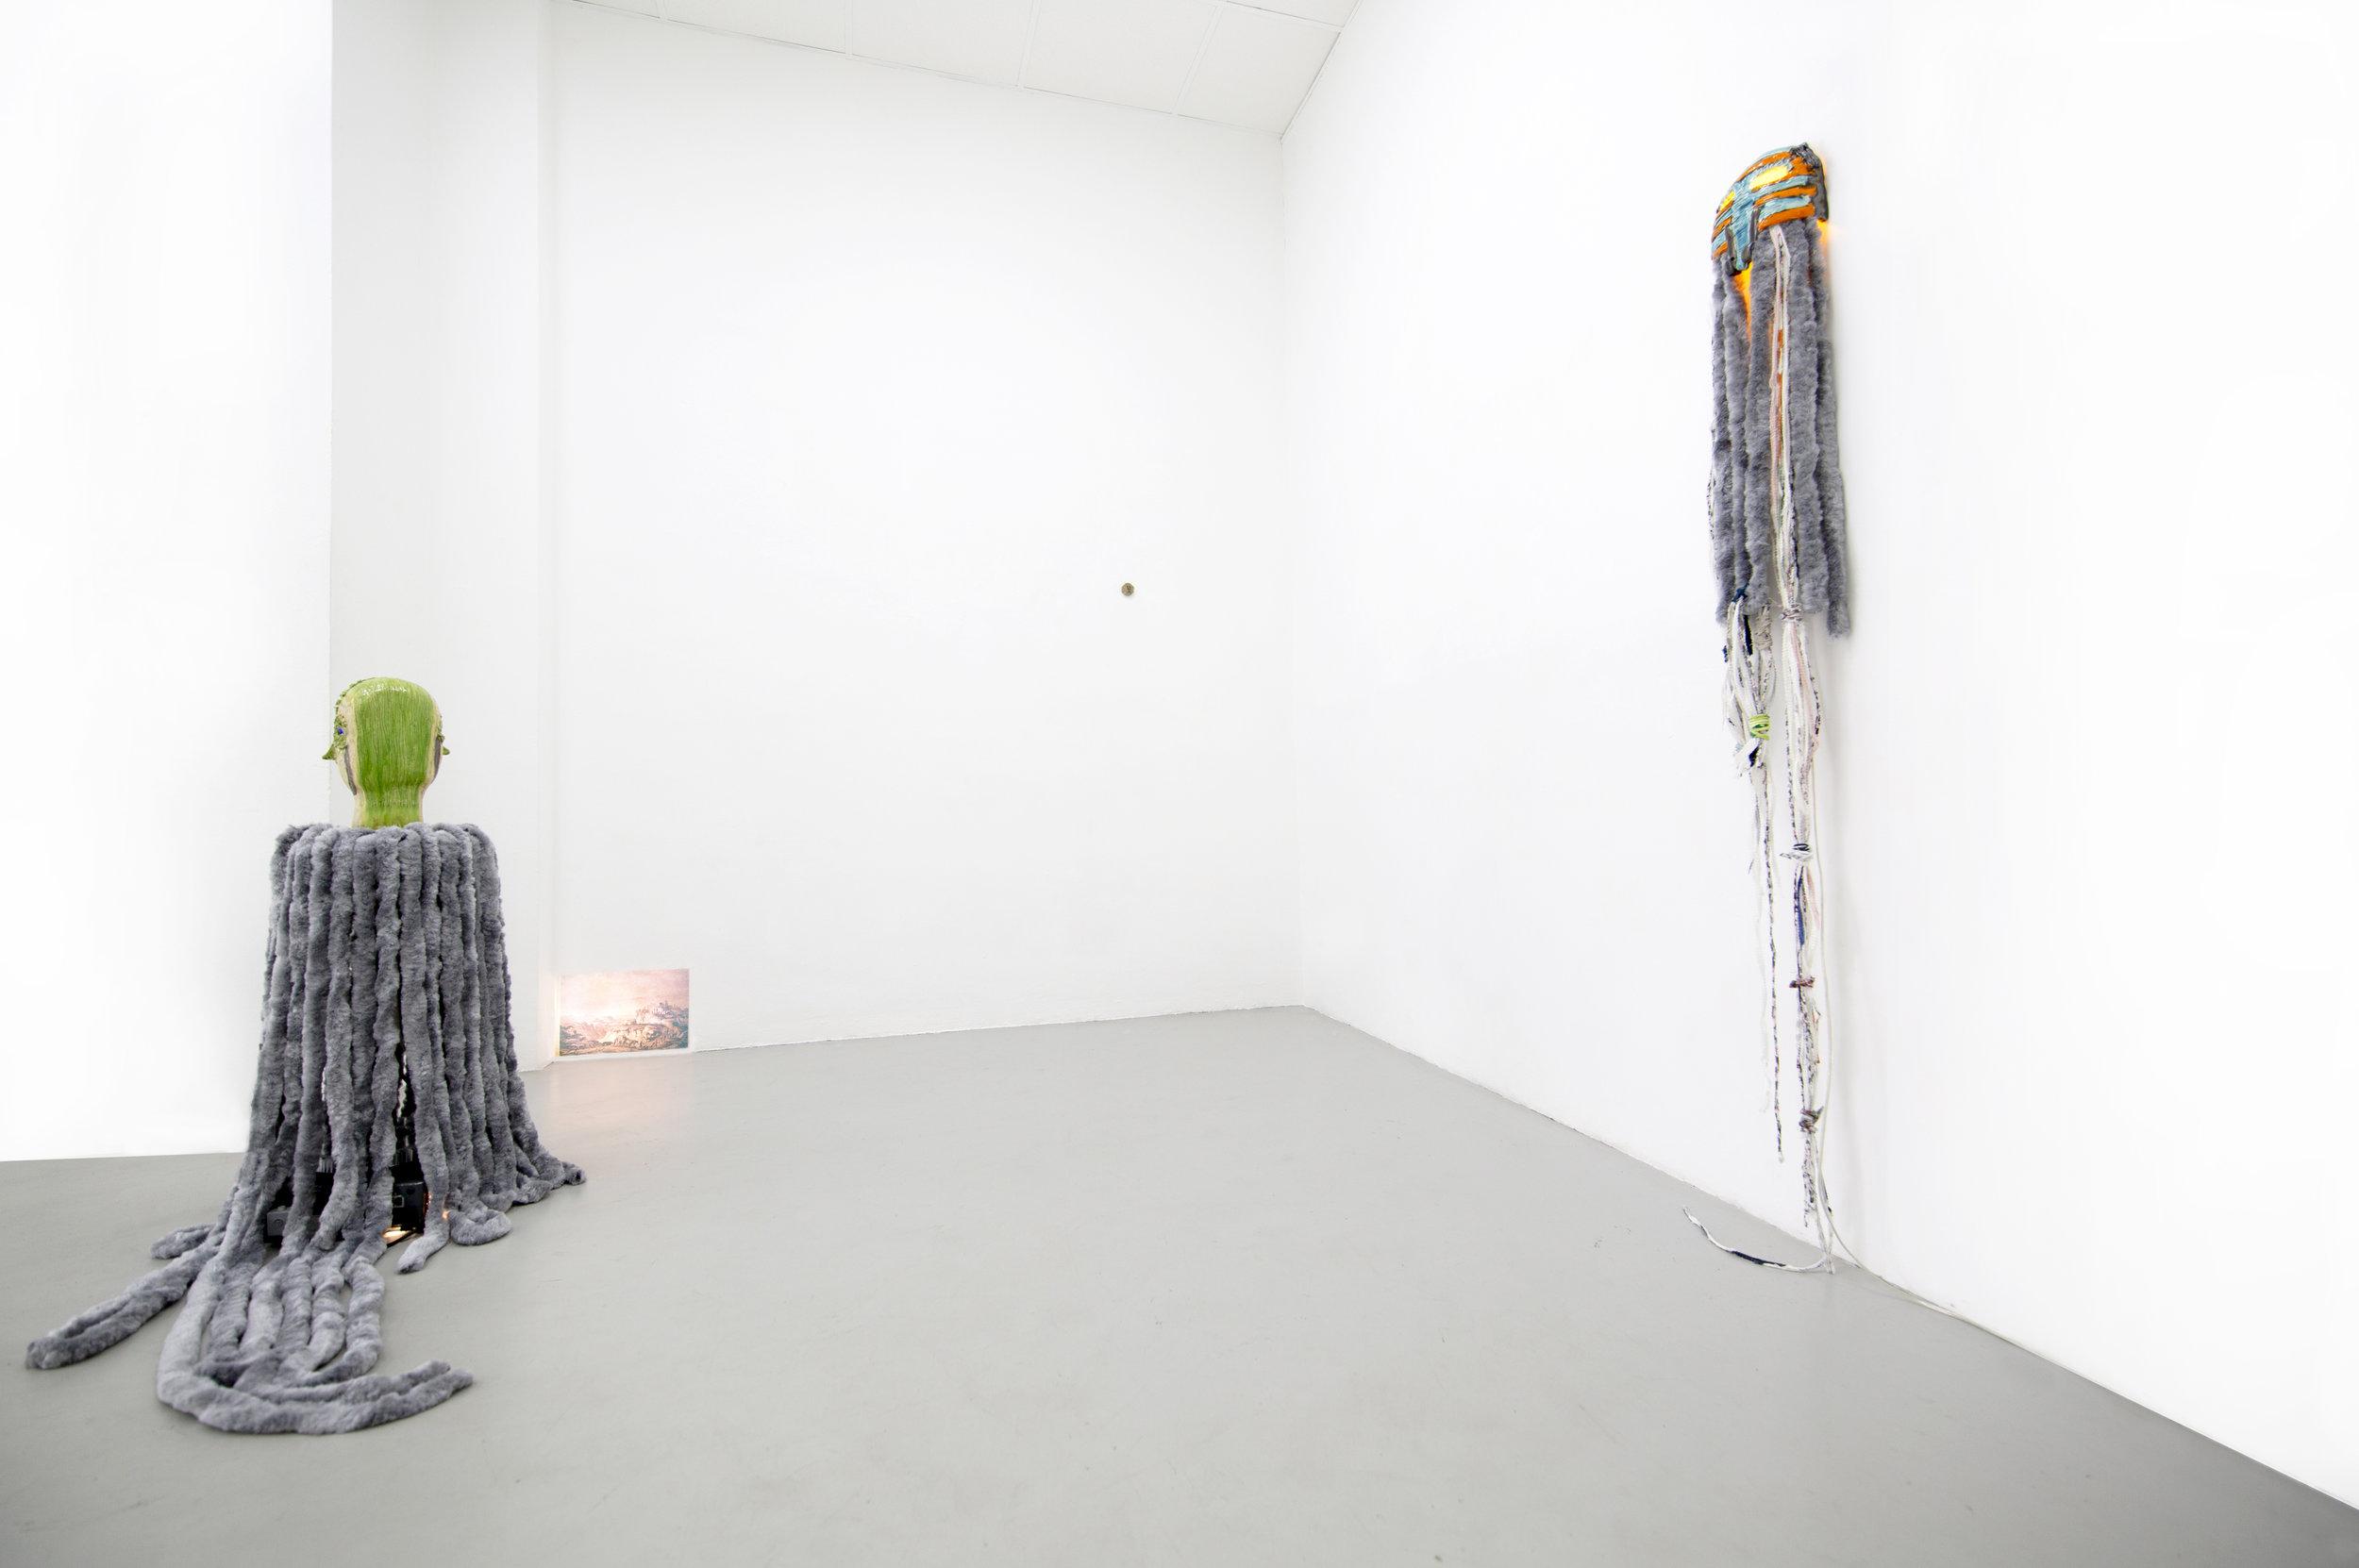 10 Giusy Pirrotta TAIXUNIA exhibition view, Dimora Artica.jpg